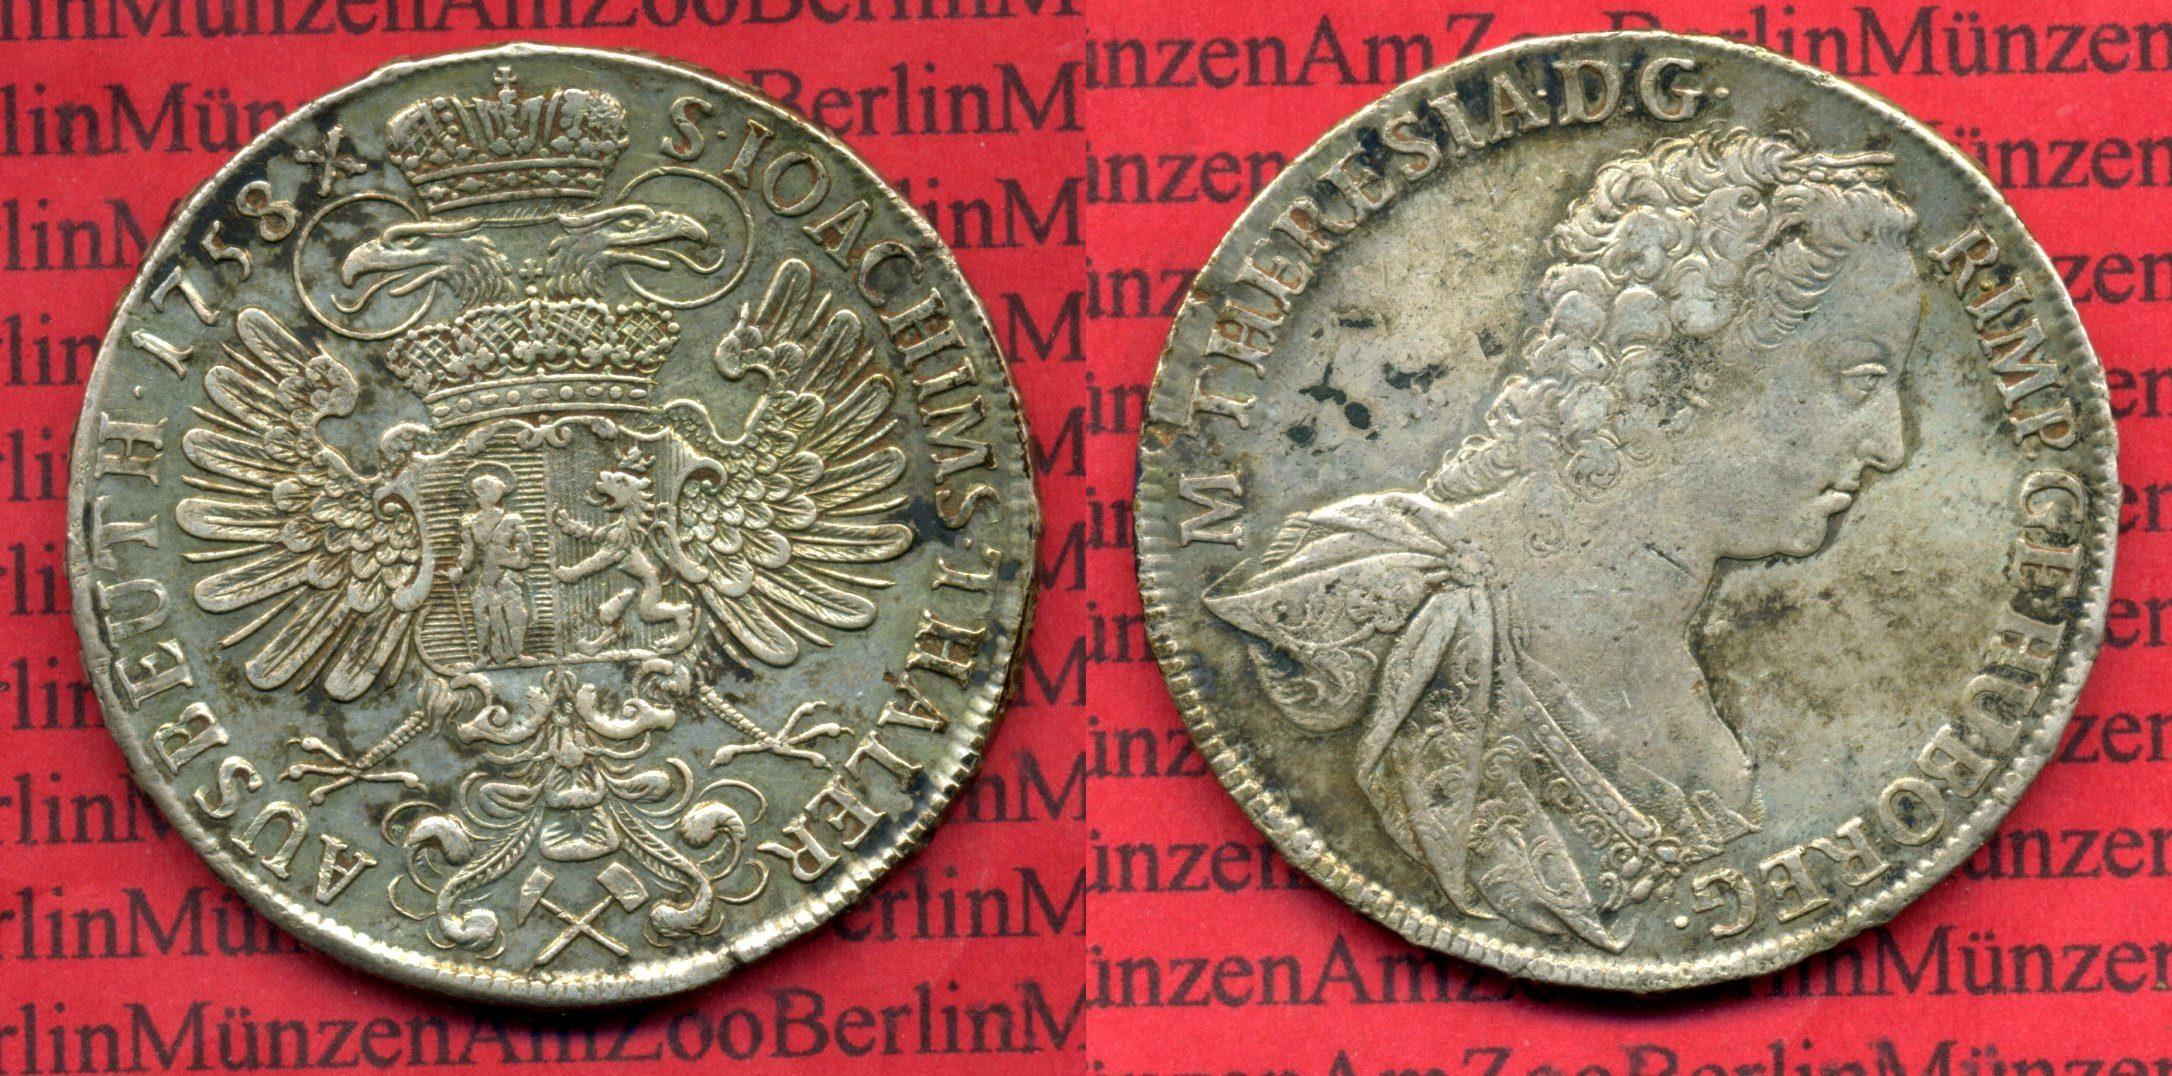 1 Taler Ausbeutetaler Maria Theresia 1758 österreich 1 Taler